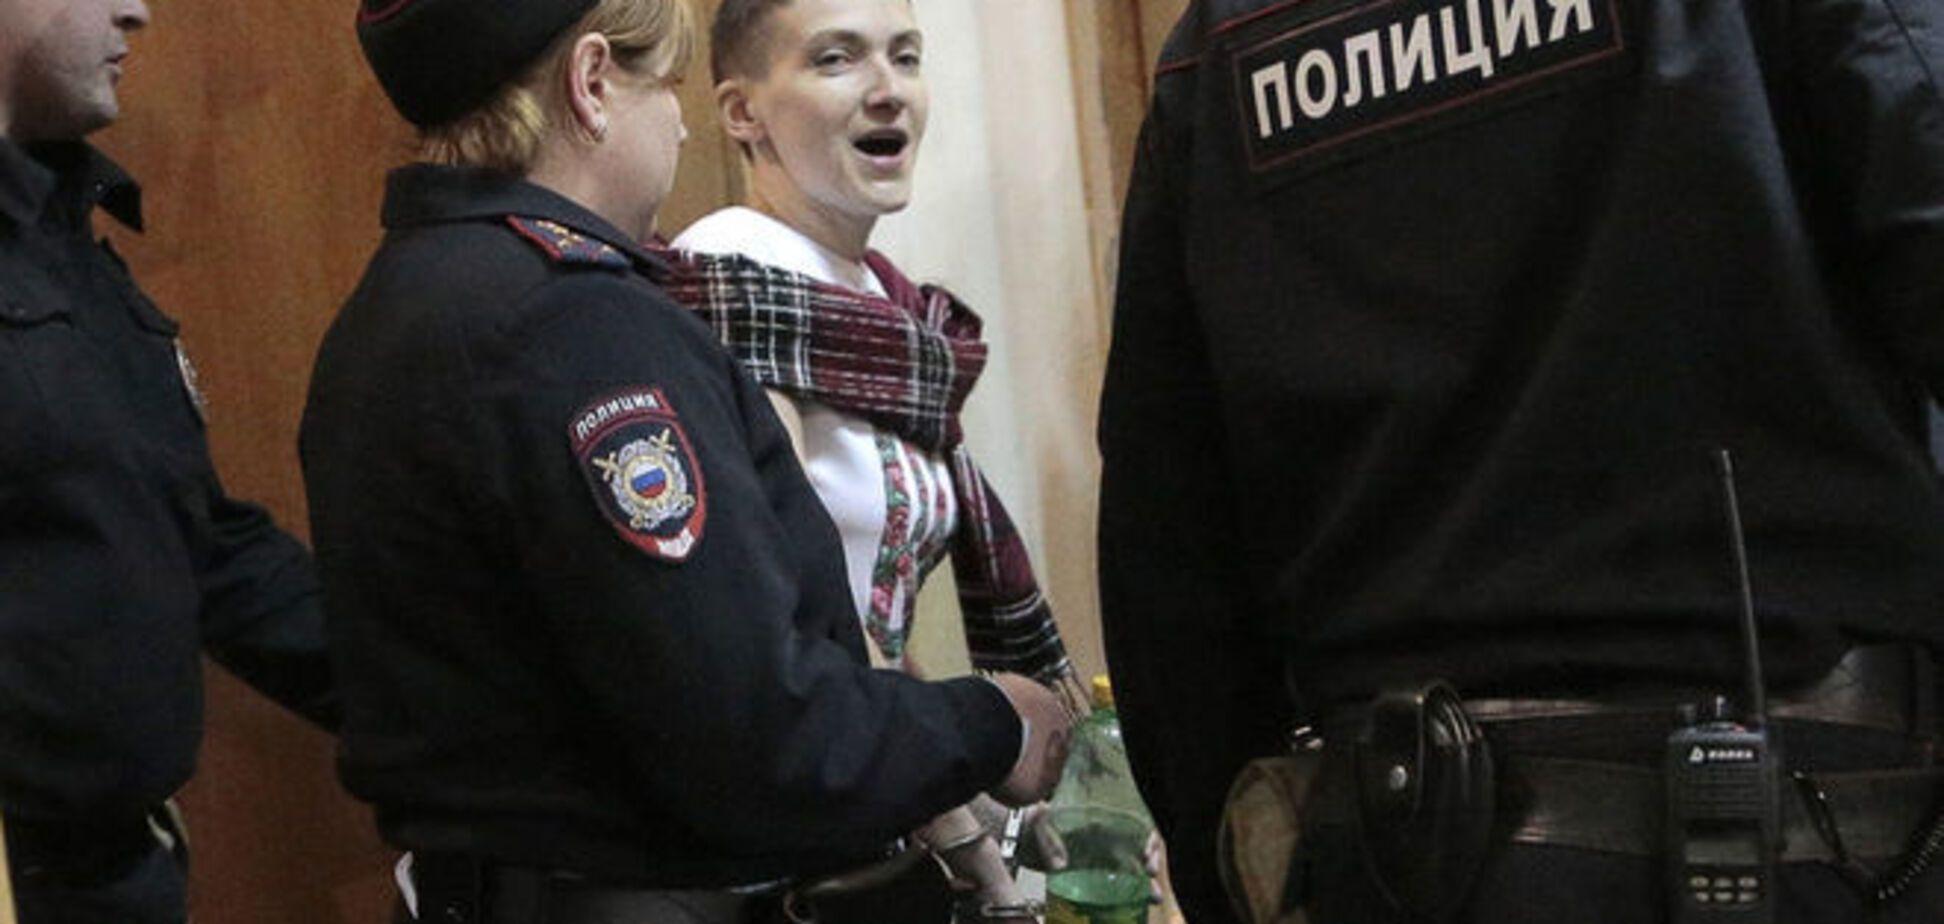 Россия может вернуть Савченко – адвокат Новиков